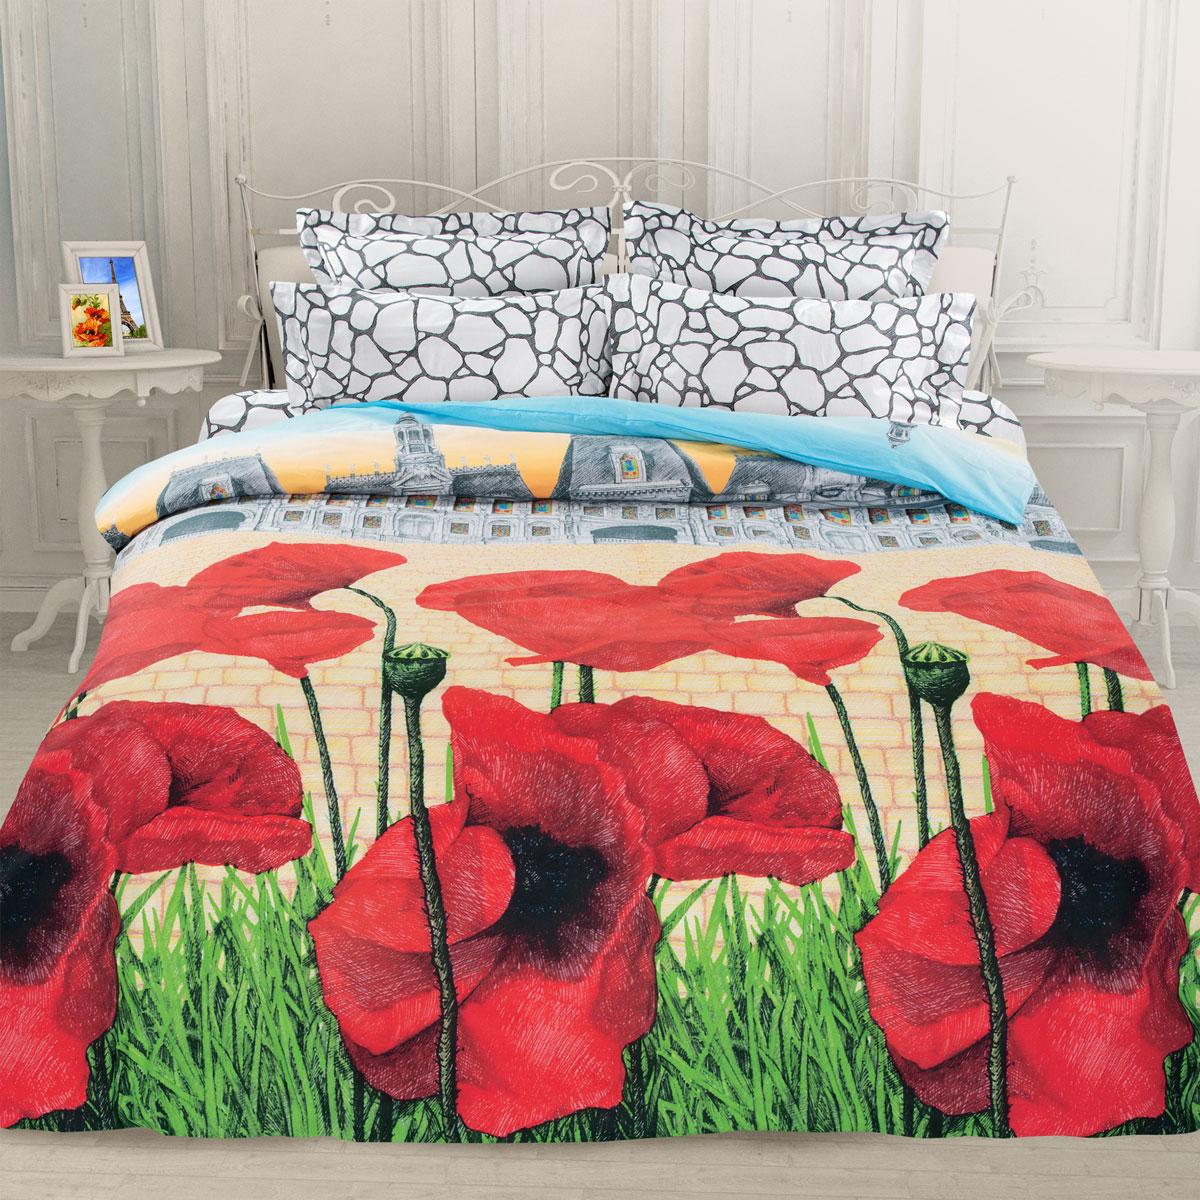 Комплект белья Унисон Французская сказка, семейный, наволочки 70 х 70, цвет: красный. 276903CA-3505Постельное белье торговой марки «Унисон Биоматин» - это домашний текстиль премиум класса с эксклюзивными дизайнами в разнообразных стилистических решениях. Комплекты данной серии выполнены из ткани «биоматин» - это 100% хлопок высочайшего качества, мягкий, тонкий и легкий, но при этом прочный, долговечный и очень практичный, с повышенным показателем износостойкости, обладающий грязе- и пылеотталкивающими свойствами, долго сохраняющий чистоту и свежесть постельного белья, гипоаллергенный.